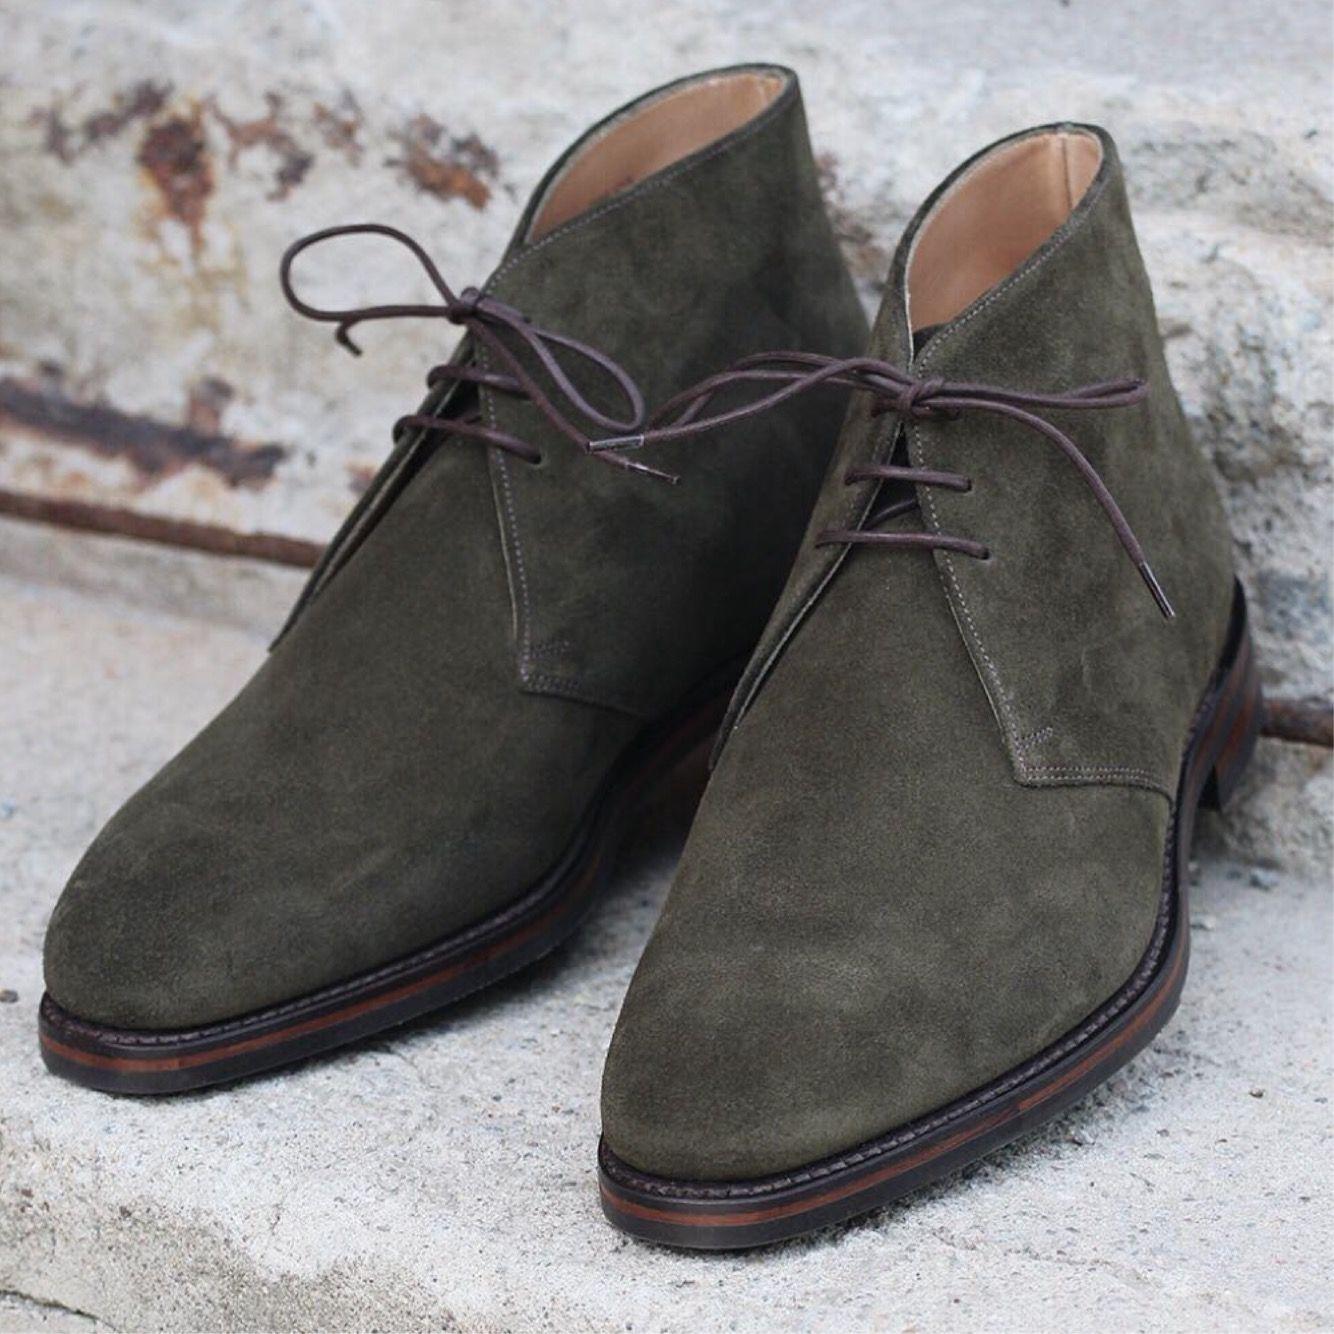 Chukka boots, Suede chukka boots